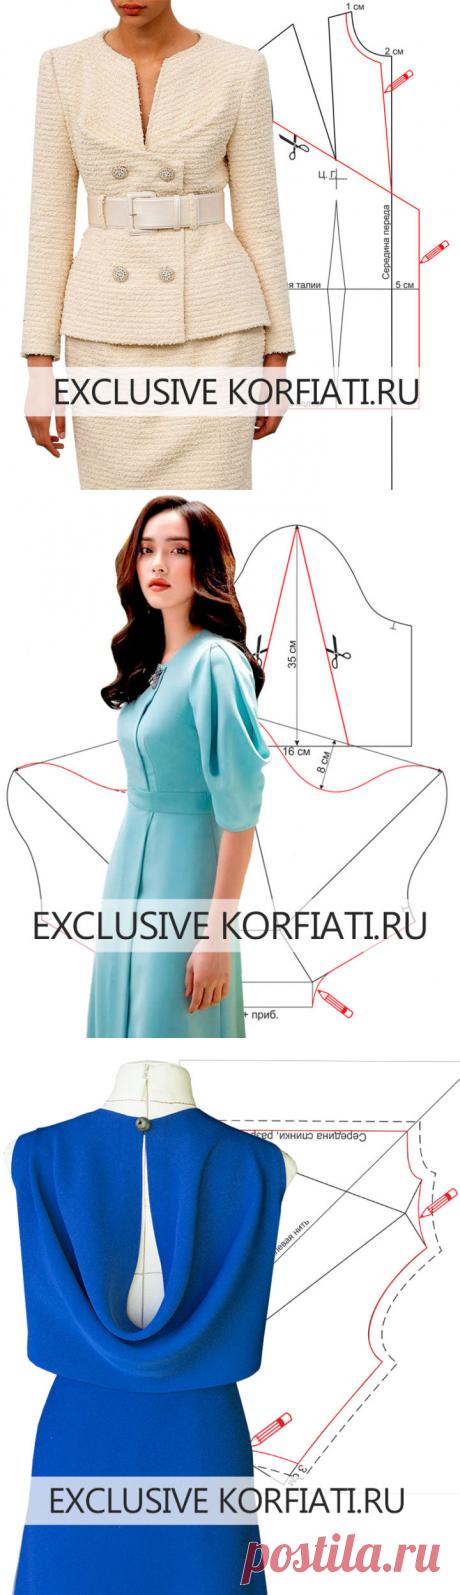 Письмо «Самые нестандартные модели одежды, разработанные по просьбам наших читателей!» — Школа шитья Анастасии Корфиати — Яндекс.Почта